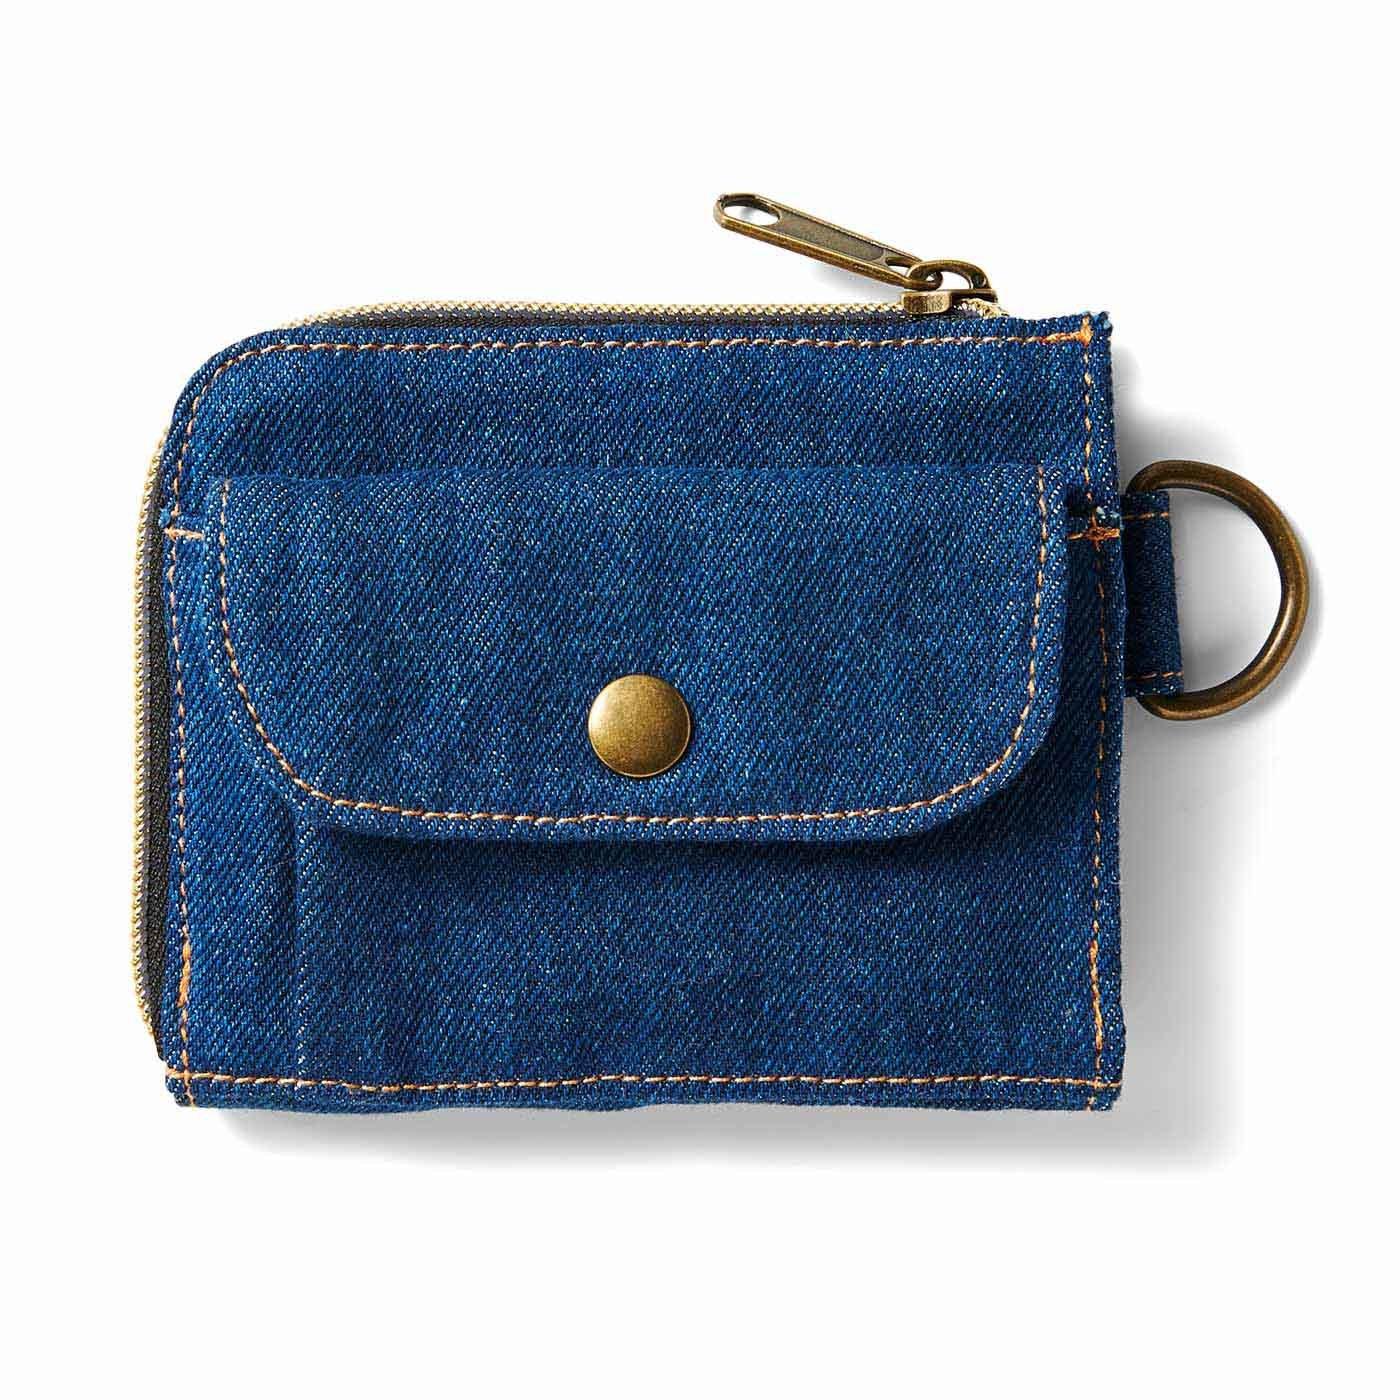 整理整とんの達人に! 暮らしがすっきりしていく 毎日使いの青い小物〈財布〉